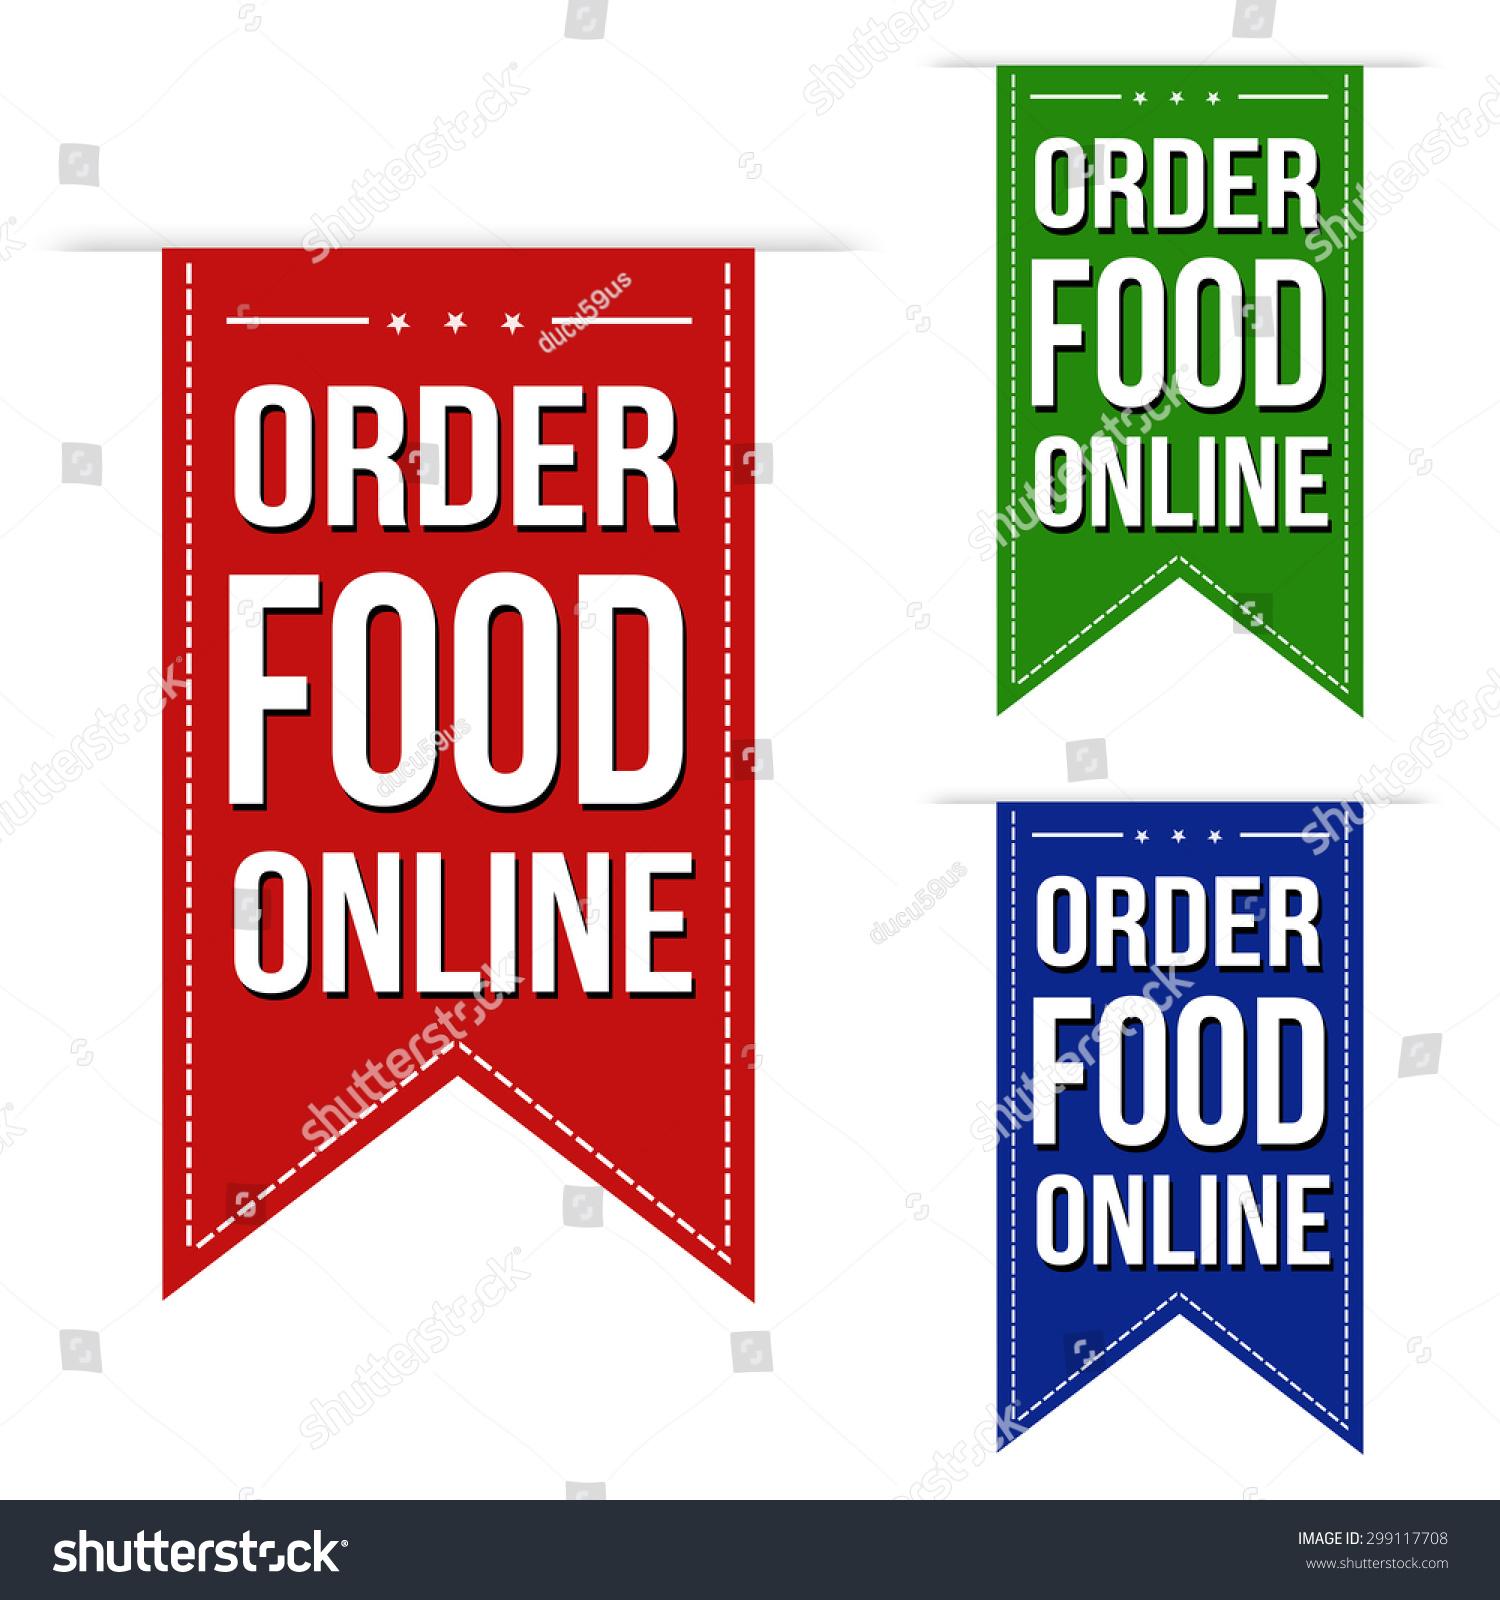 Order Food Online Banner Design Set Over A White ...